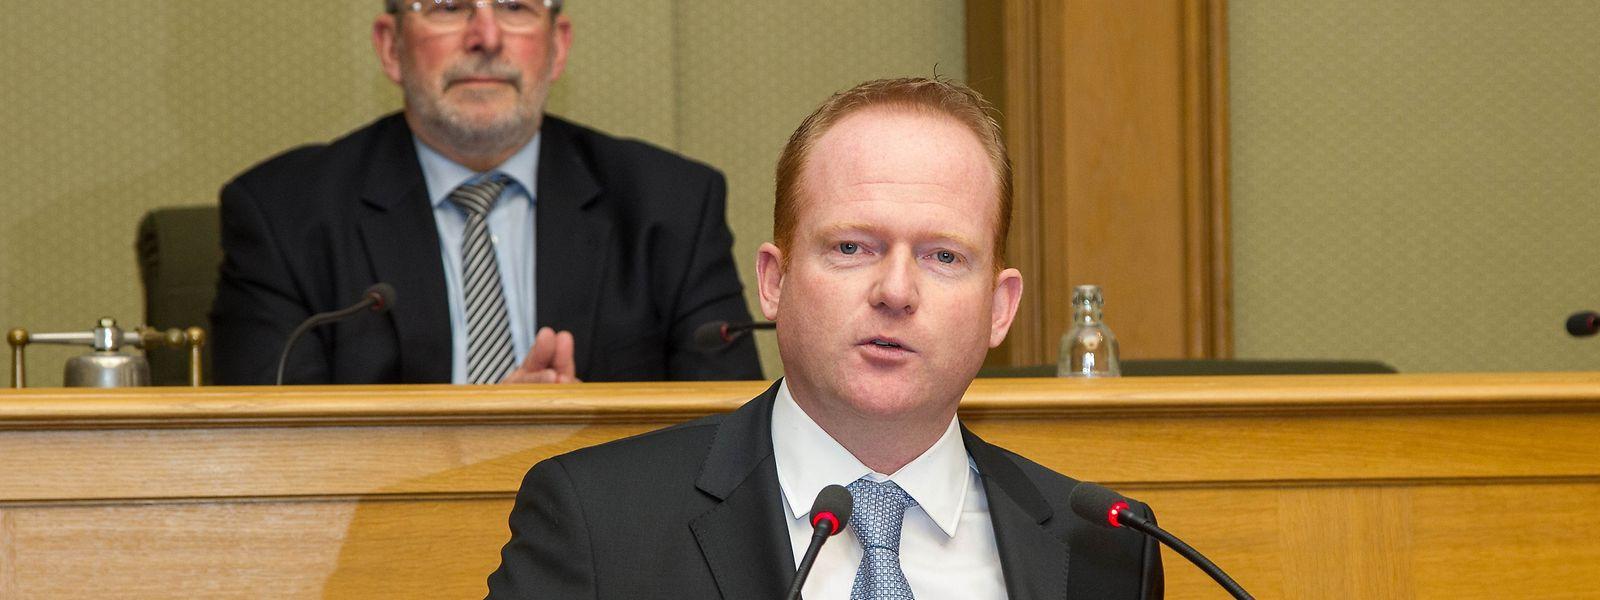 Il prend la succession de Marc Ruppert, qui a annoncé la semaine dernière se retirer de la politique pour des raisons personnelles.